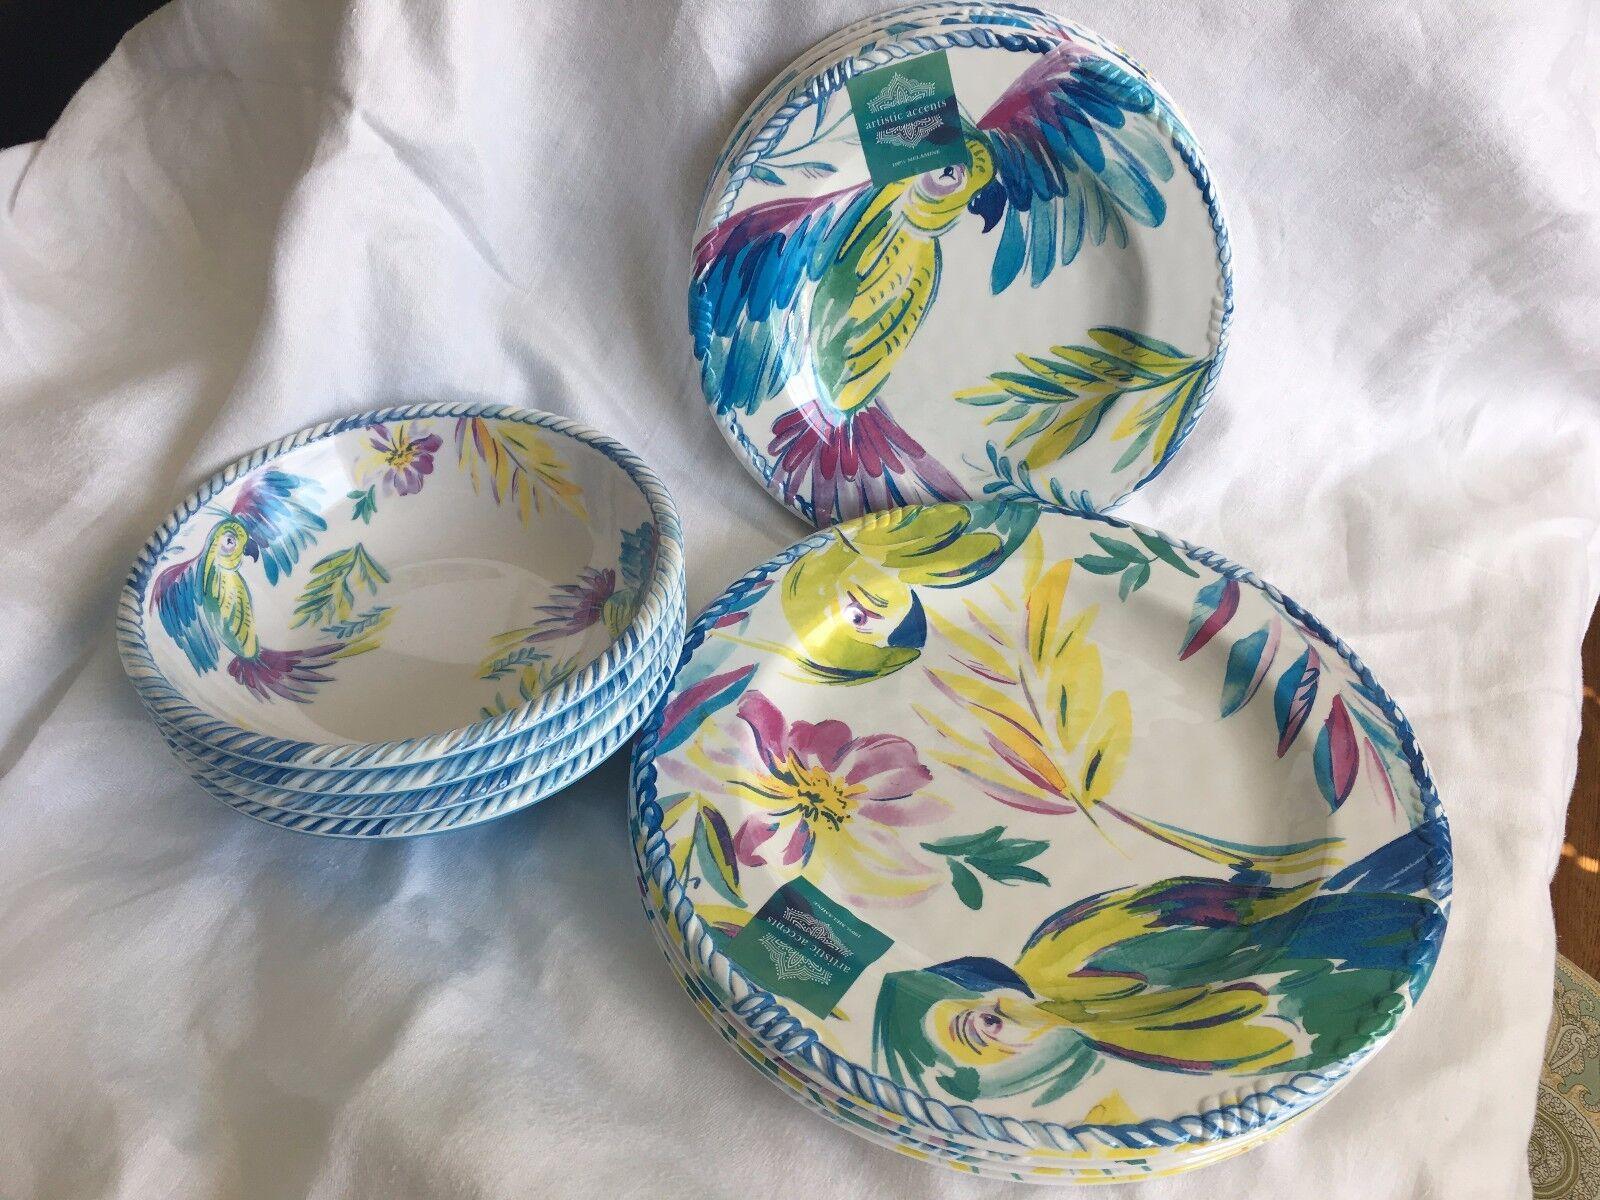 ARTISTIC Accents Neuf Avec étiquettes 12 Pièces Mélamine Vaisselle Tropical Floral perroquet service 4